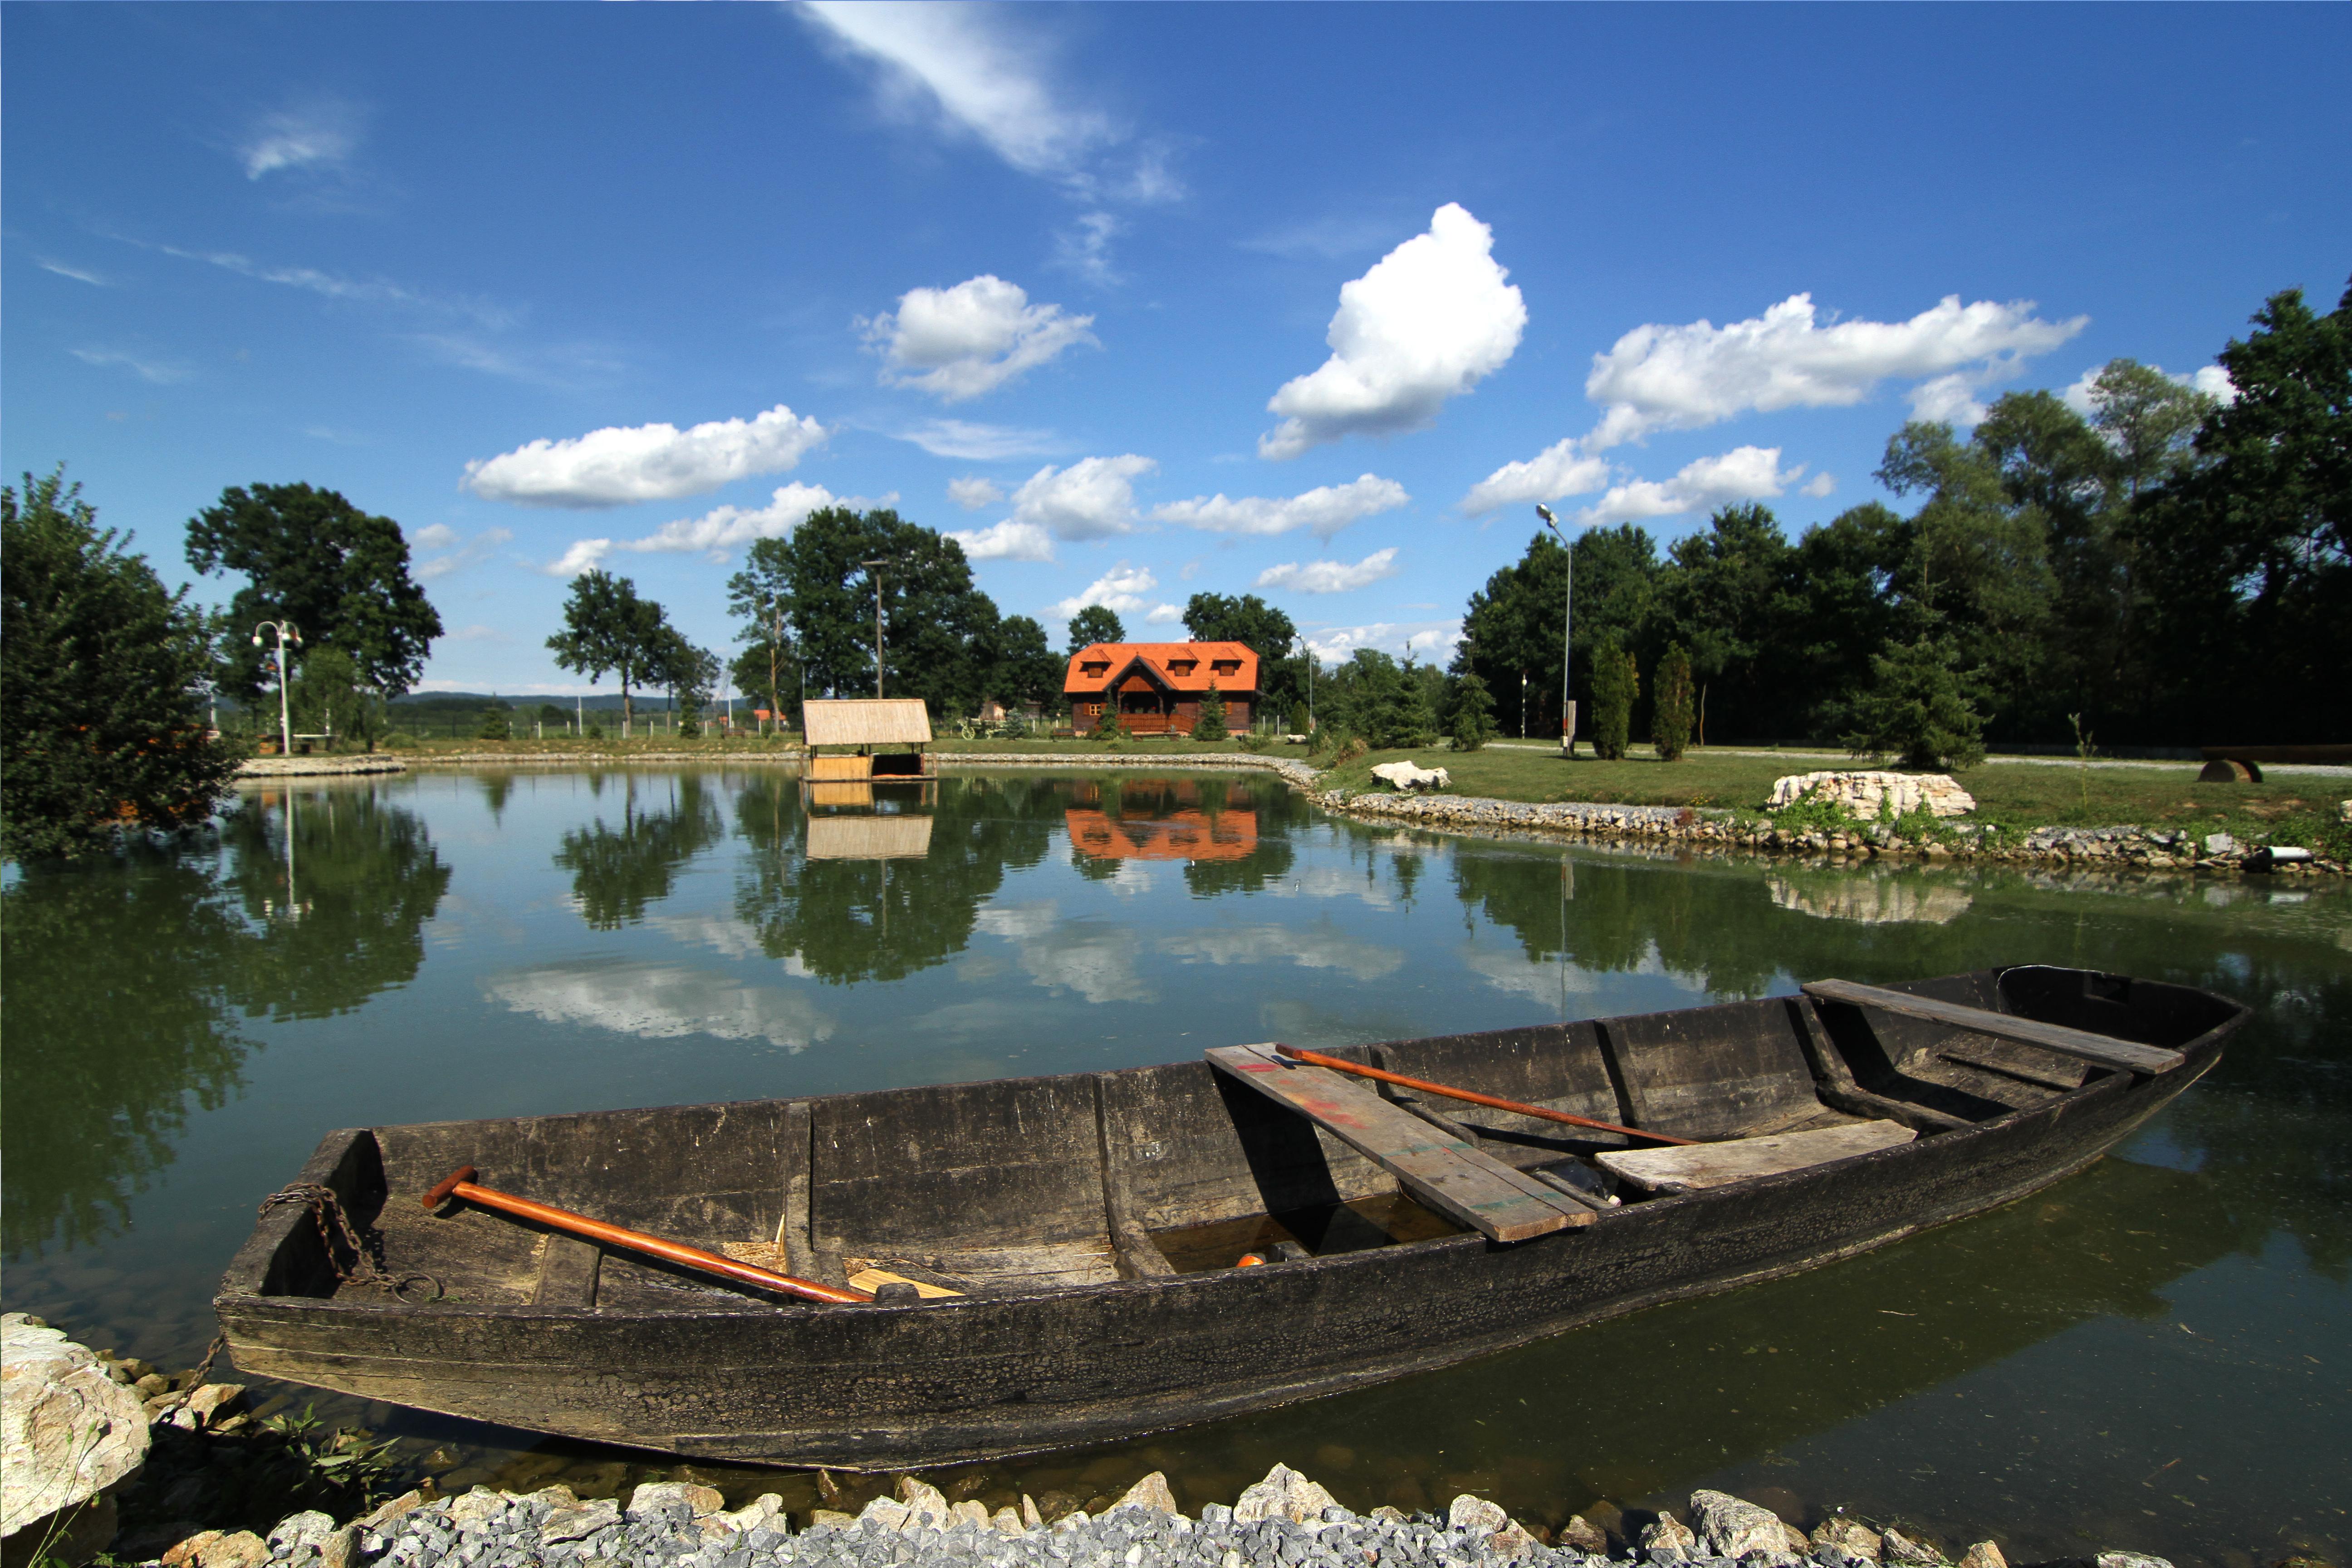 Gosti mogu uživati u vožnji čamcem po jezercu